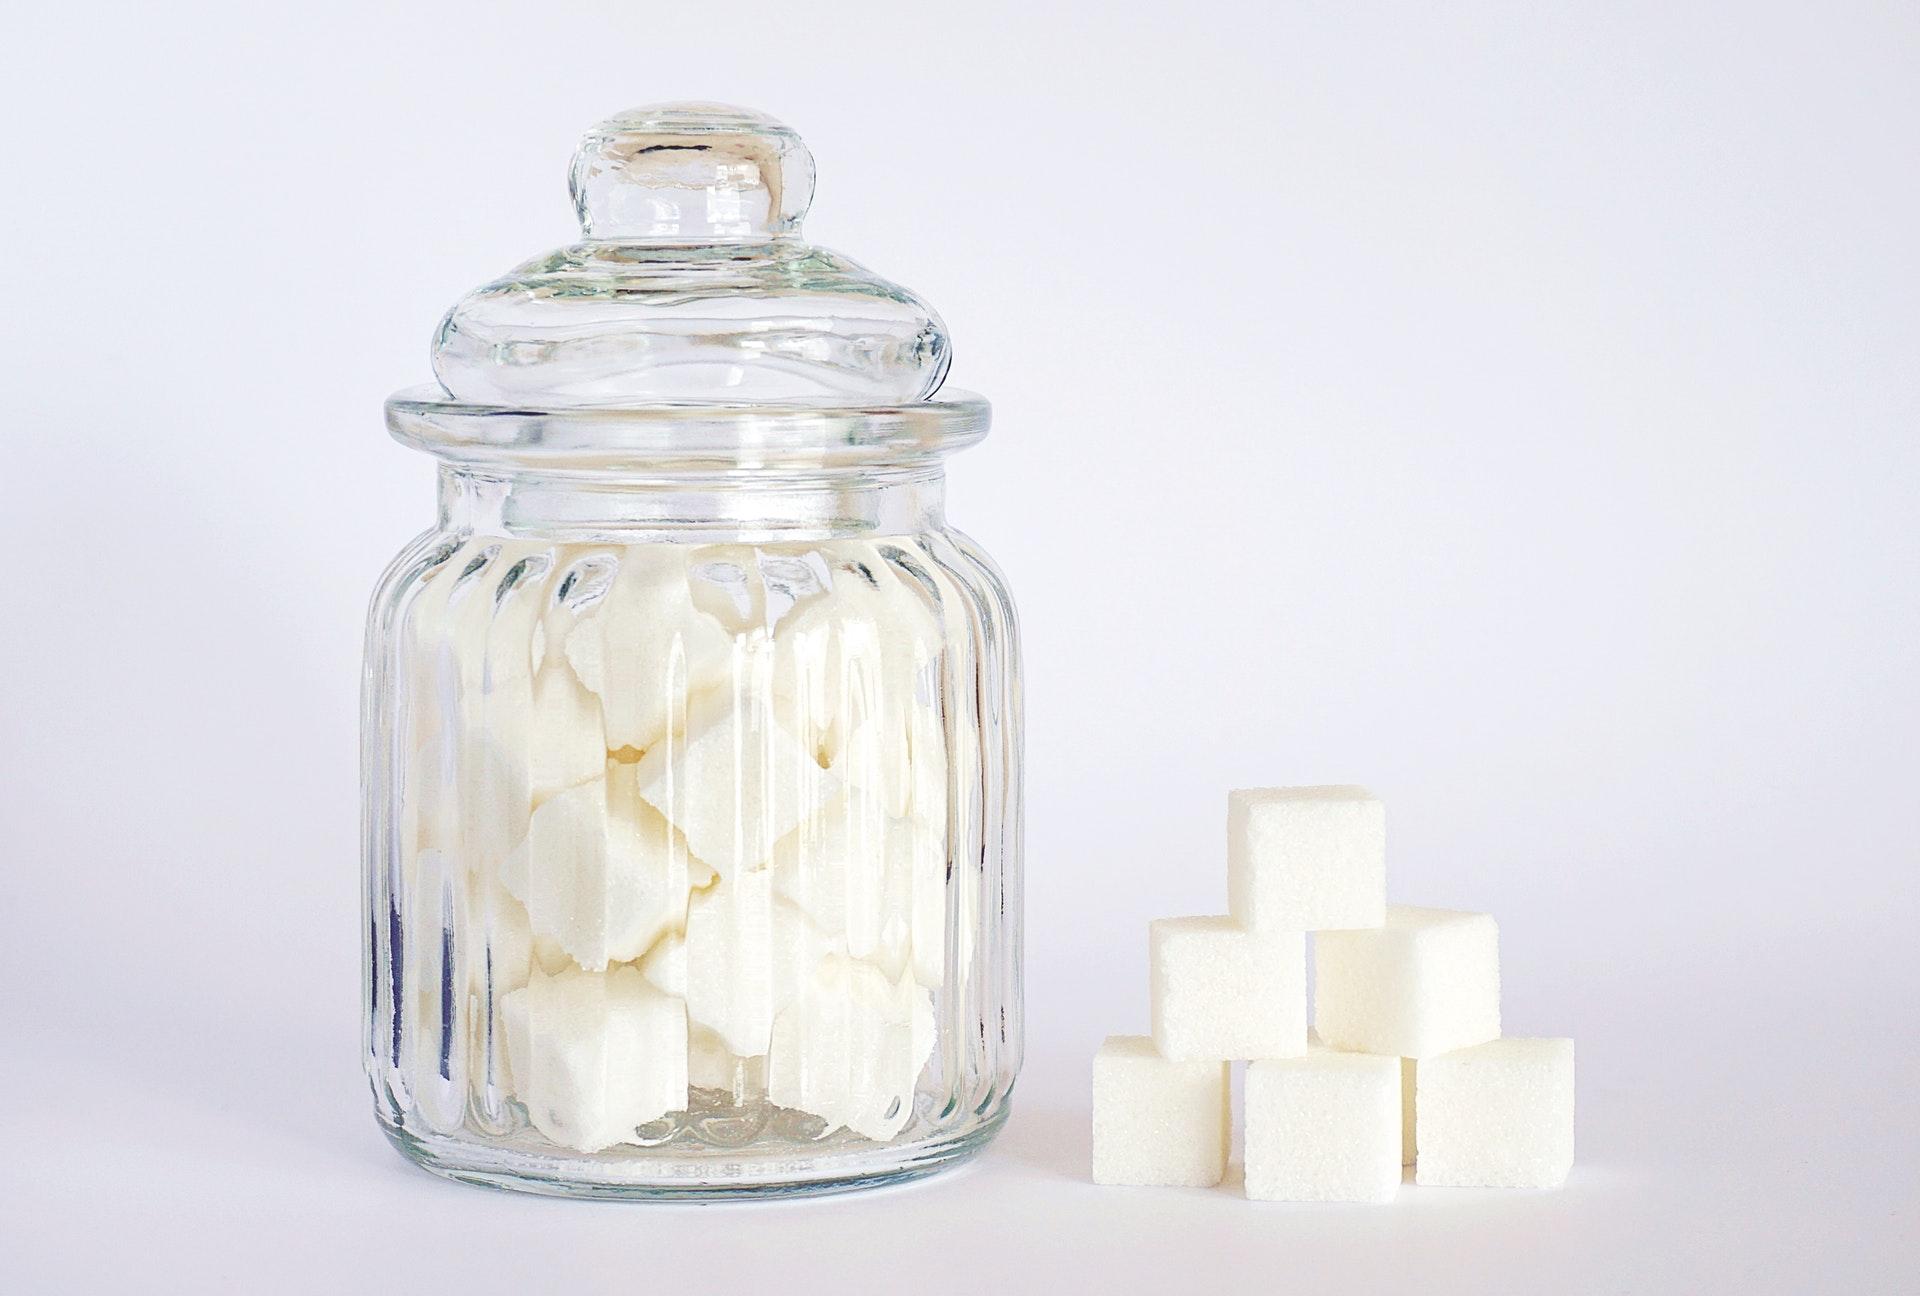 Врач Погожева: рекомендуемой нормой сахара следует считать около 50 гр в день